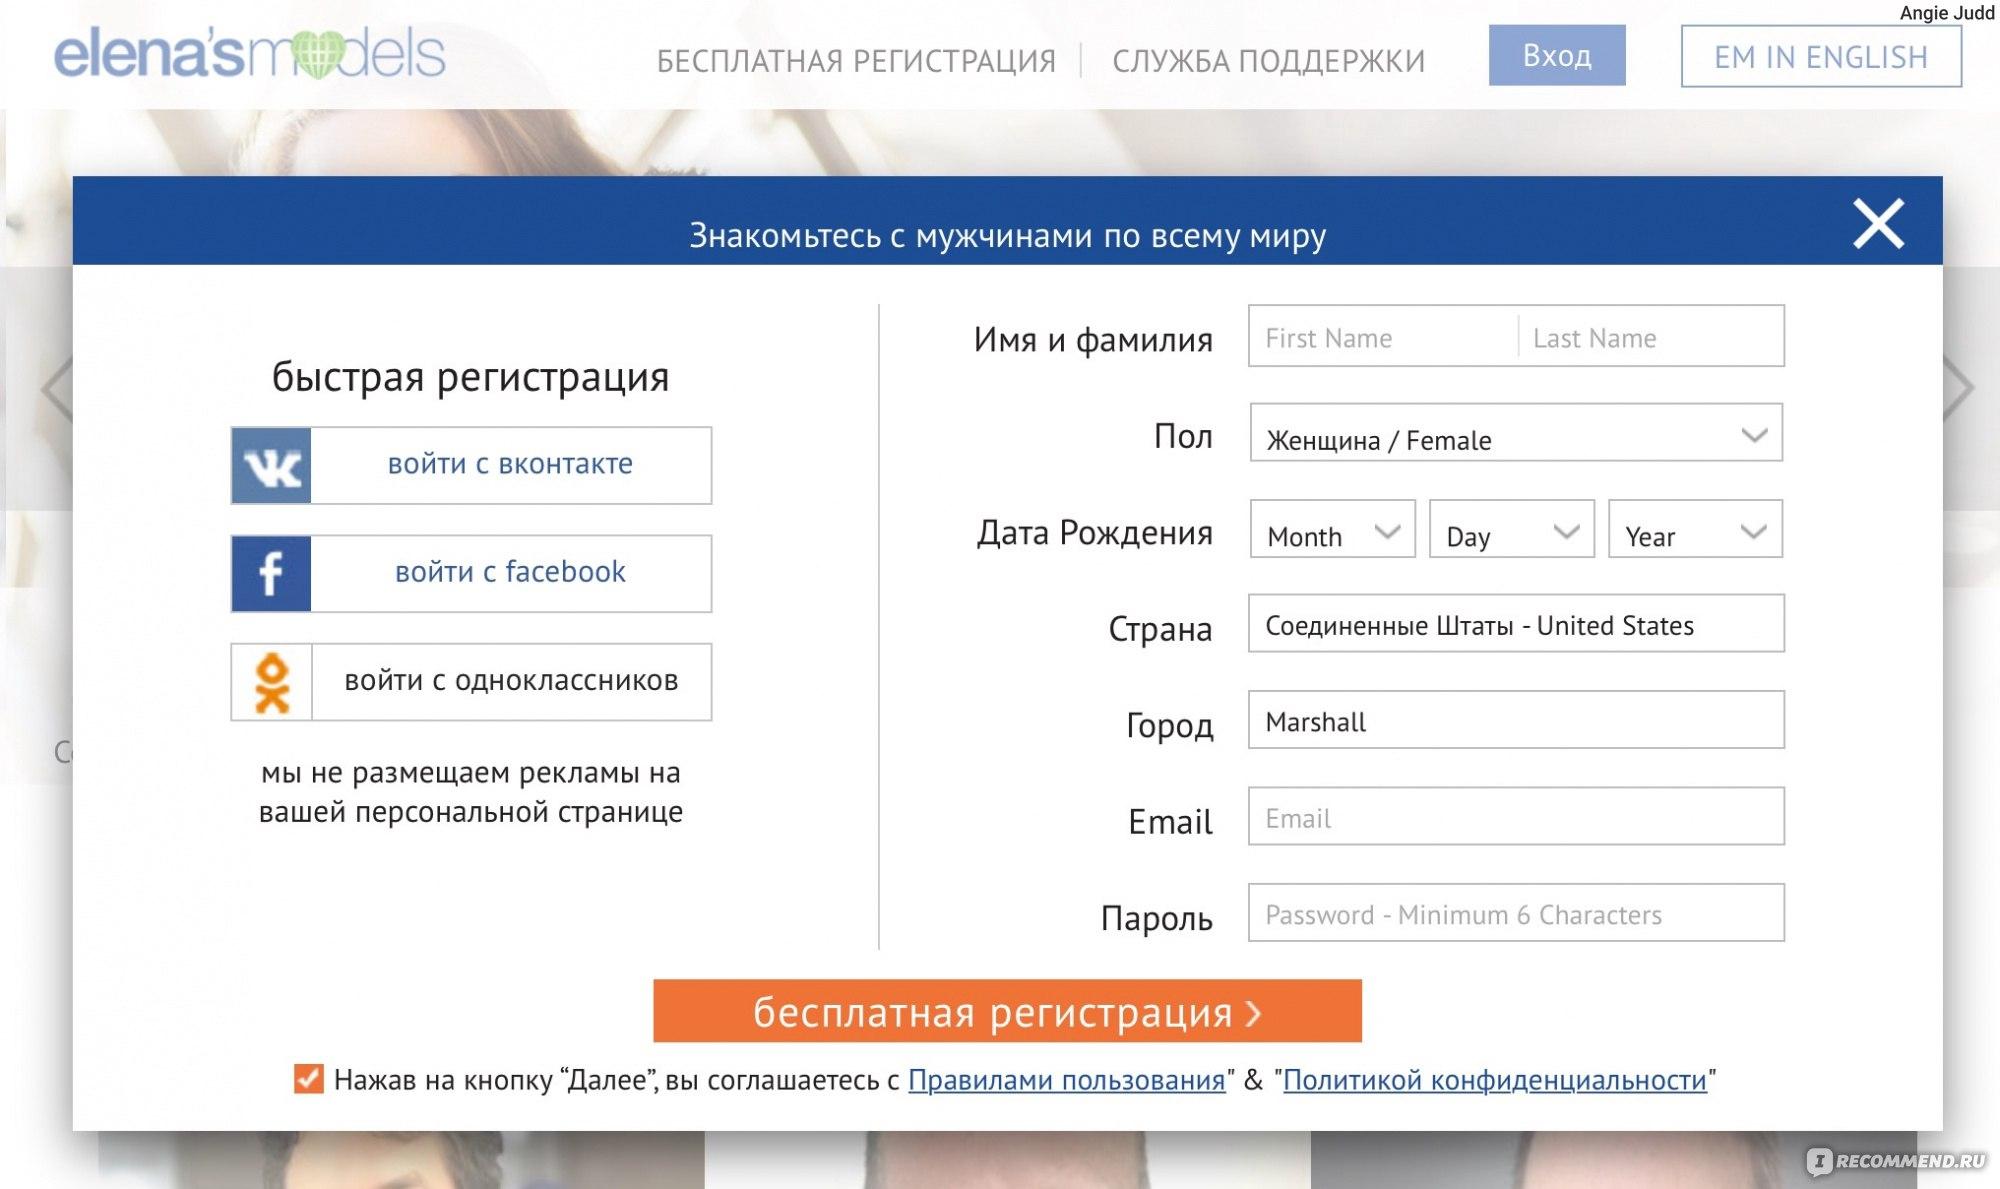 Знакомства с русскоязычными иностранцами для переписки рычкова александра